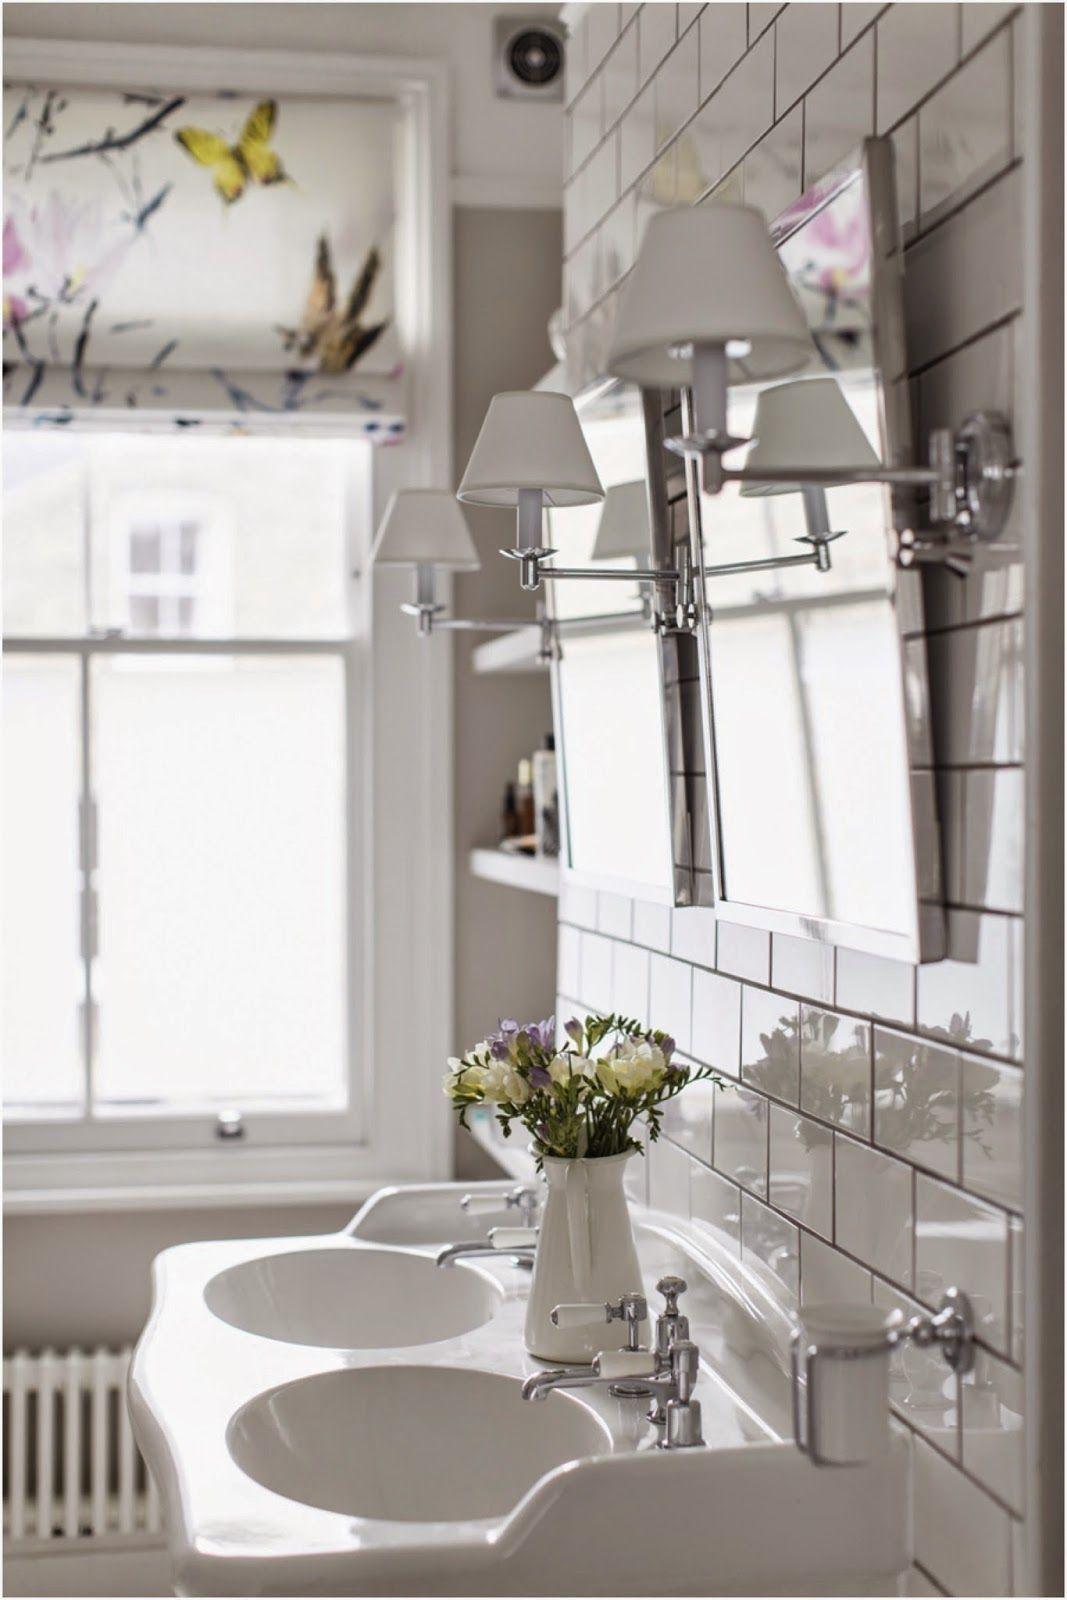 Laura Butler-Madden: My Work: En Suite Bathroom, Victorian Terrace ...